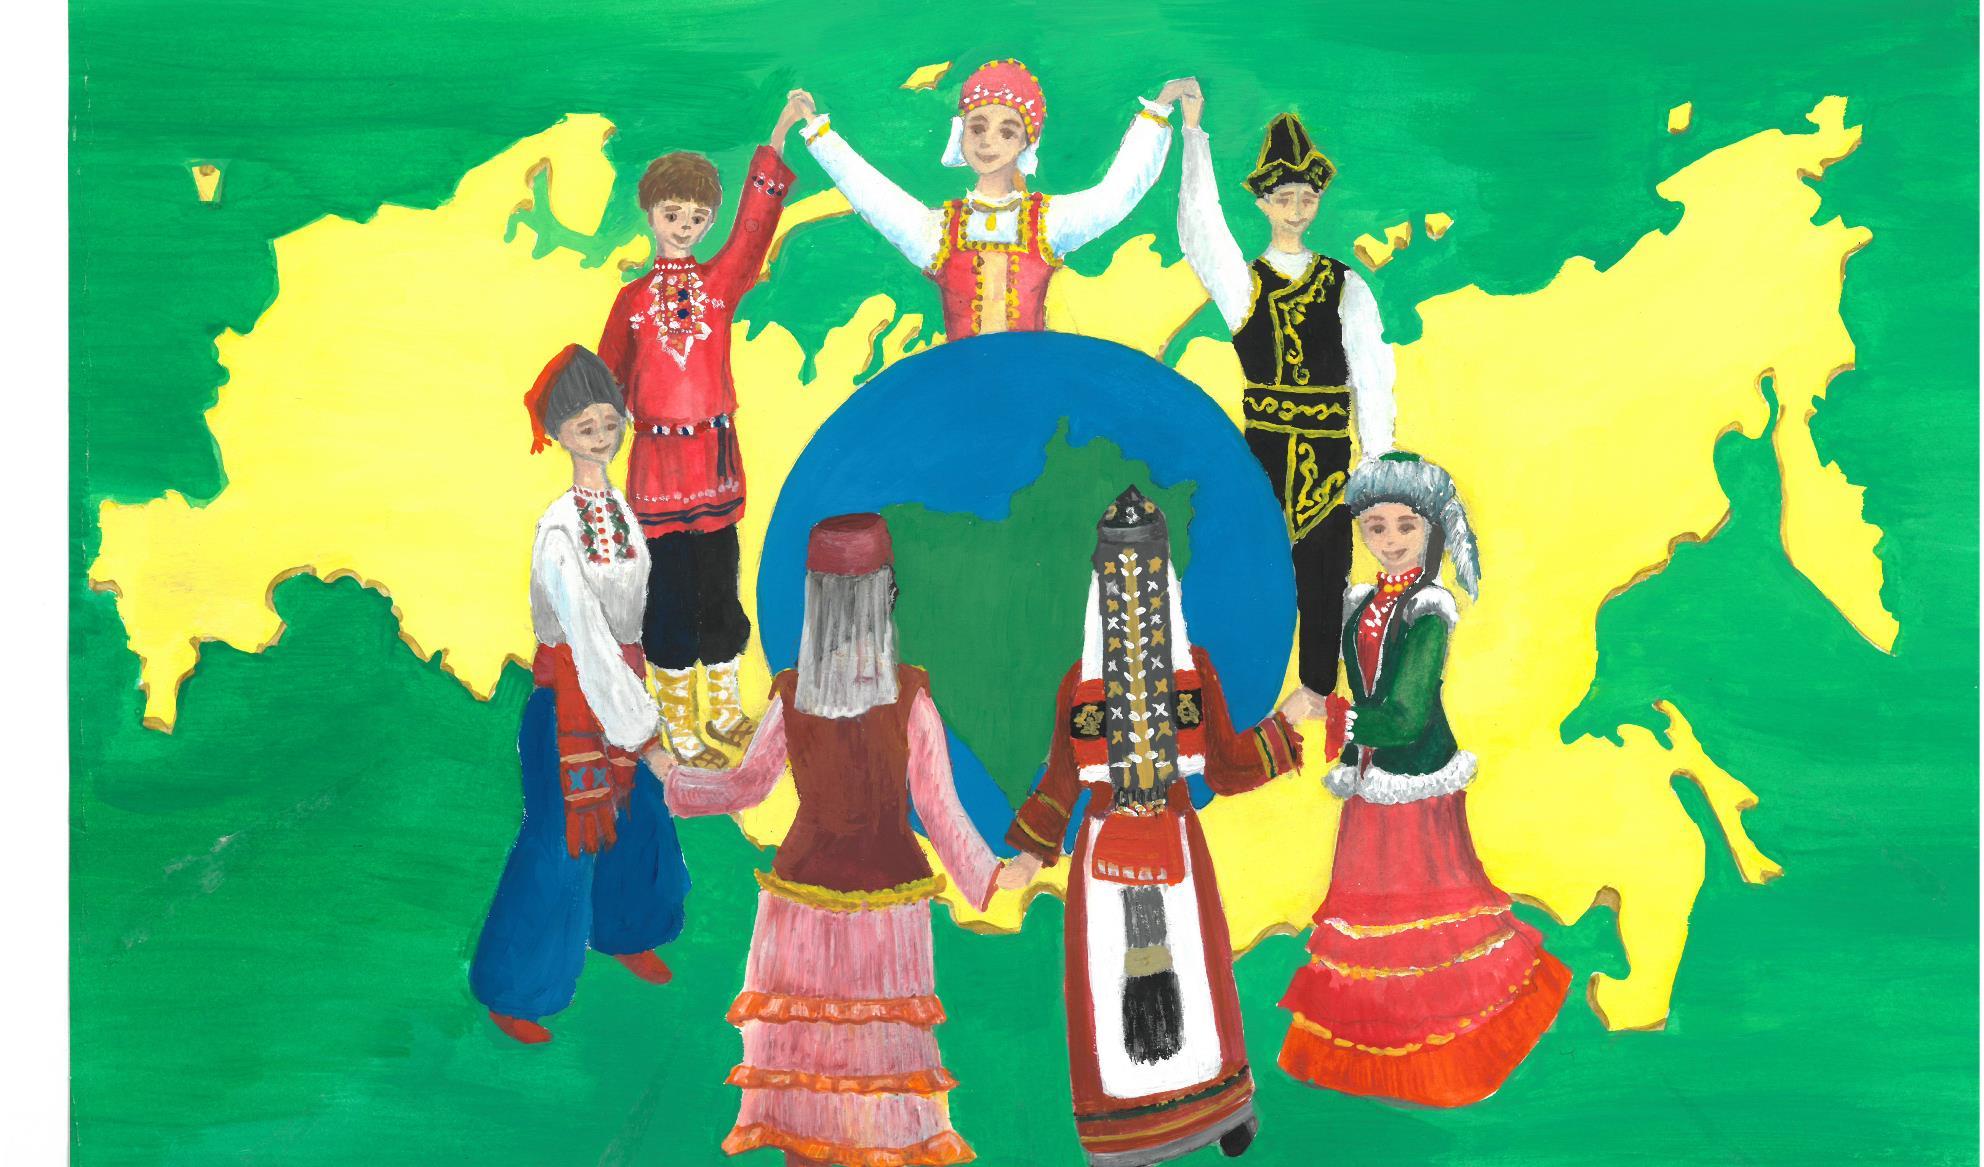 Картинки дружба народов мира, картинки смешные поздравления